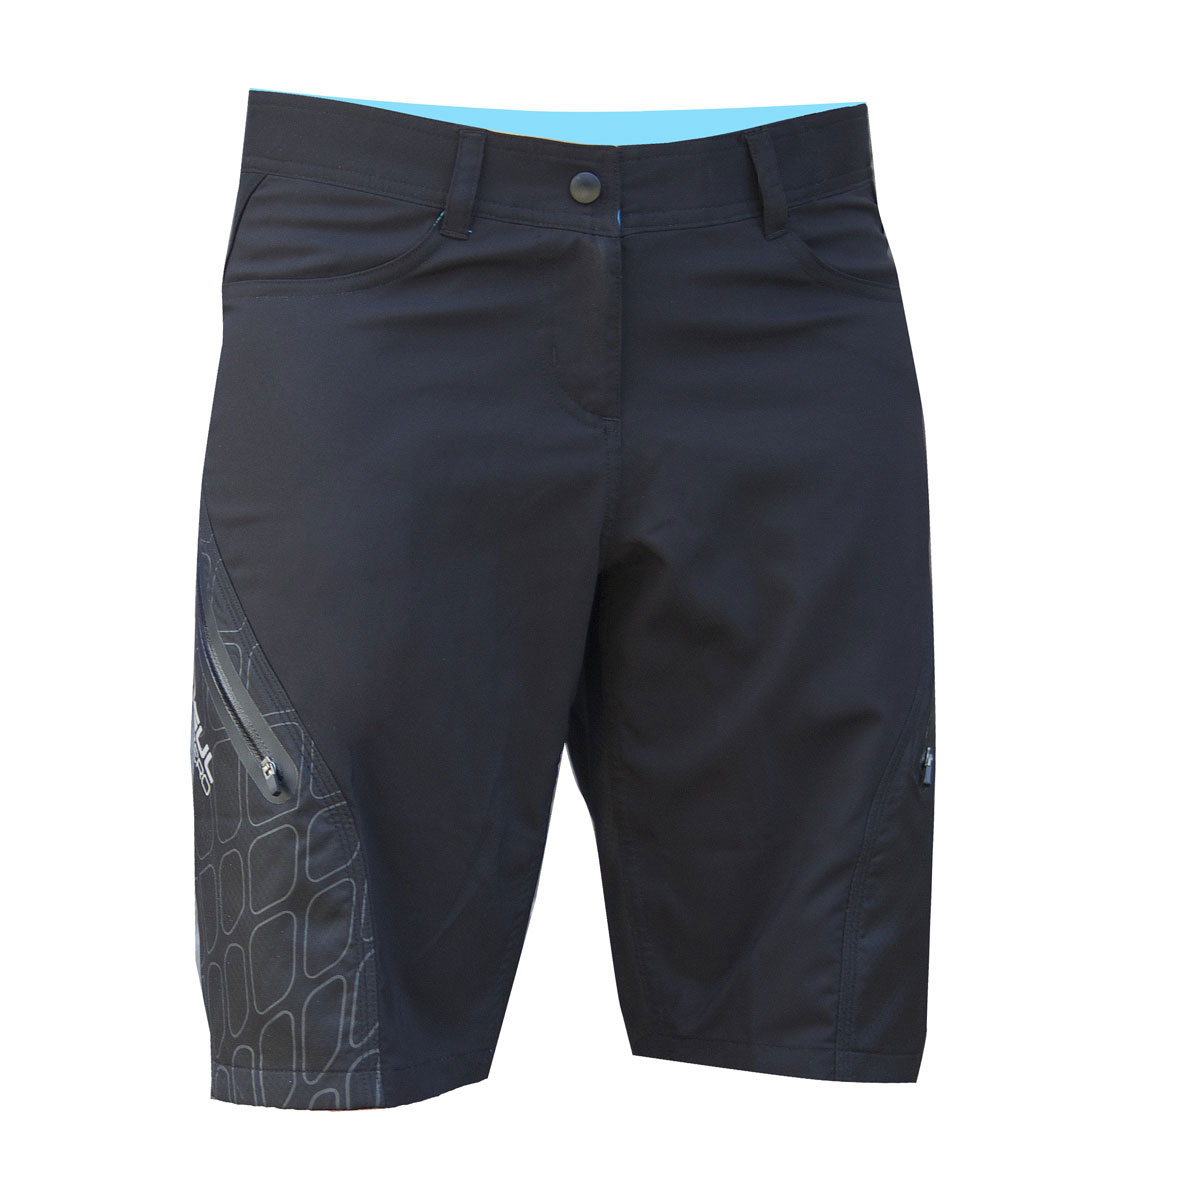 Gul Womens CODE ZERO Quick Dry Sailing Shorts Black